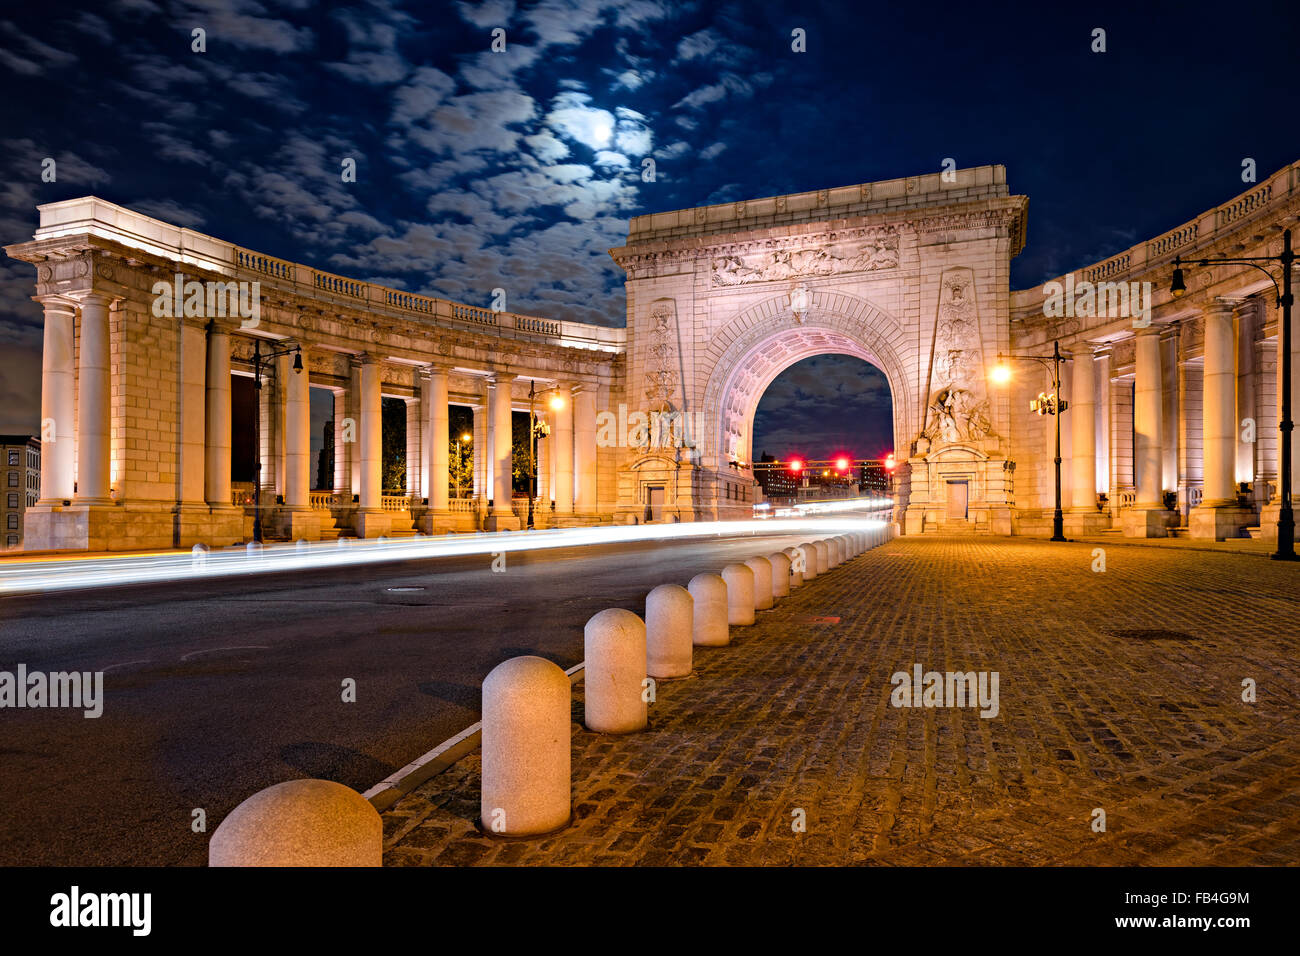 Iluminado arco triunfal y la columnata de Manhattan Bridge Entrada en moonlight, Chinatown, Manhattan, Ciudad de Imagen De Stock